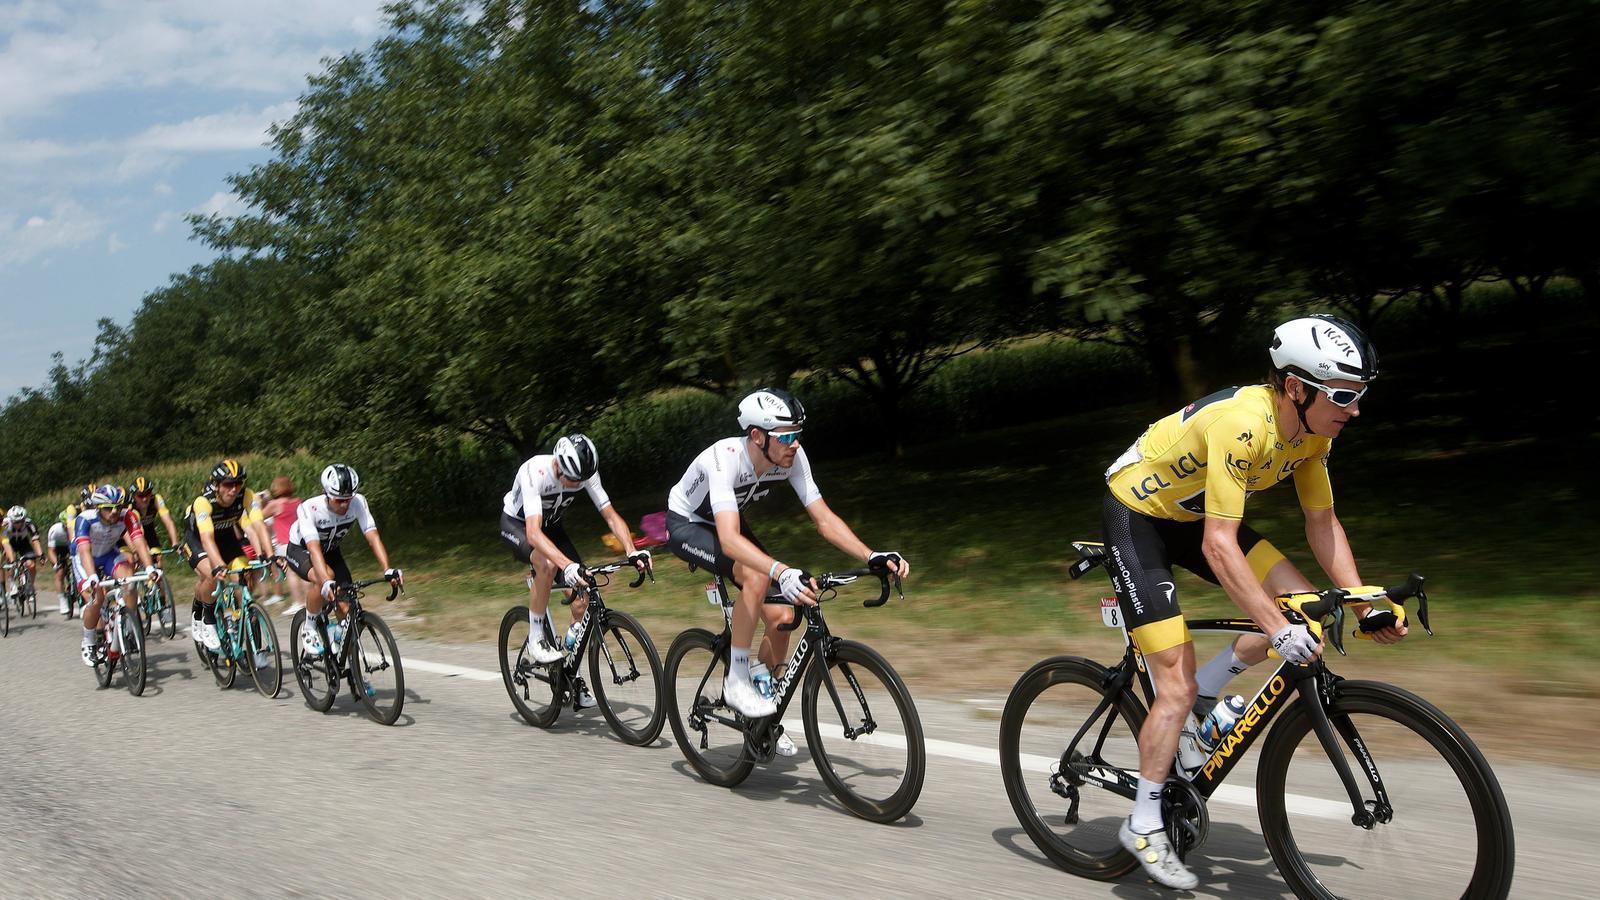 Thomas i l'Sky mantenen el lideratge del Tour